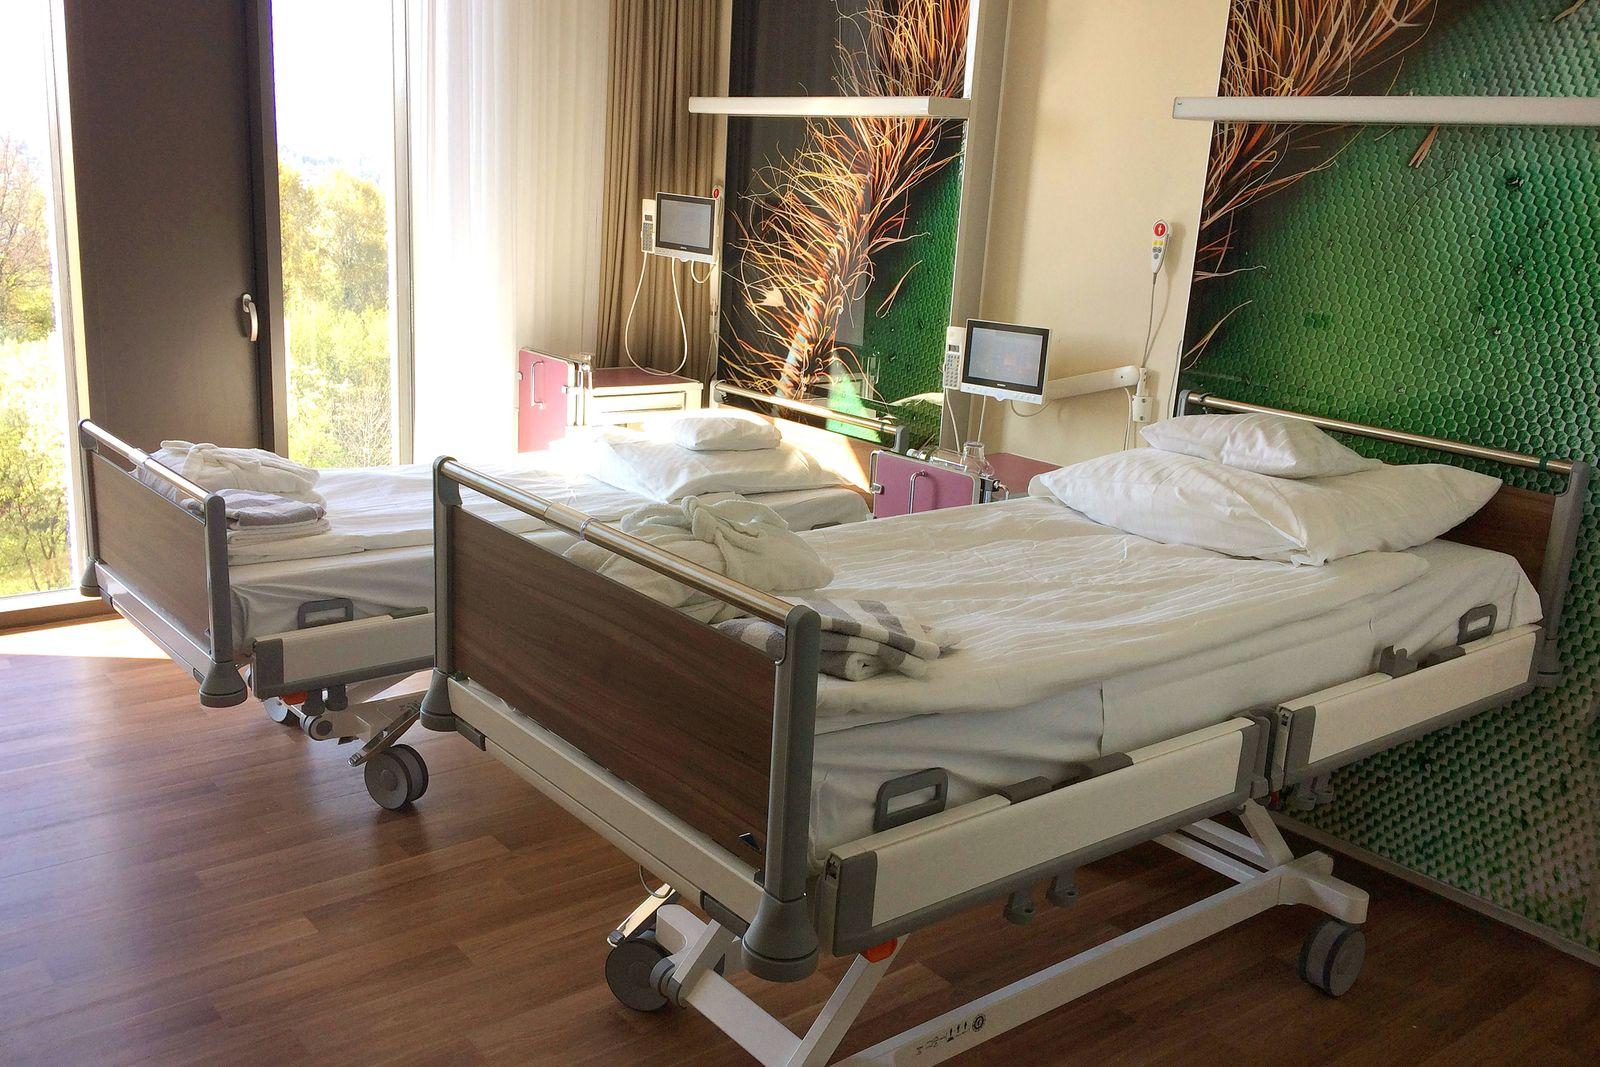 Leere Krankenhausbetten in einem Privat Zweibettzimmer Privatklinik Krankenhauszimmer Klinik Gesund